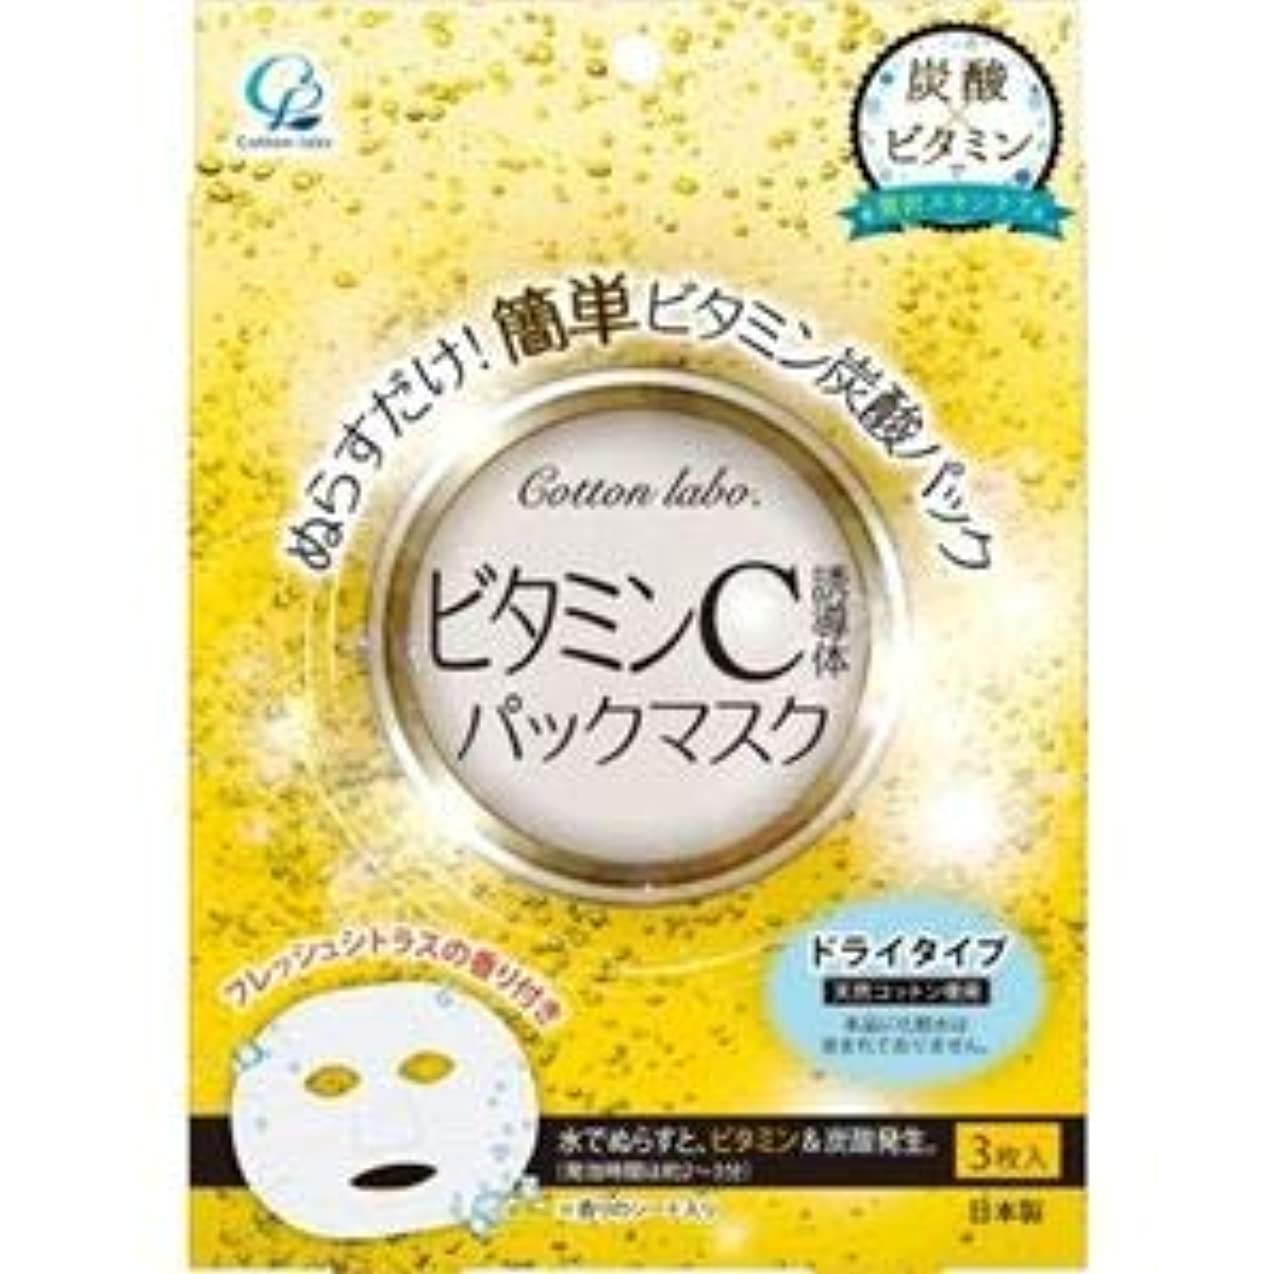 認証アコード自動車(まとめ)コットンラボ ビタミンパックマスク3枚 【×5点セット】